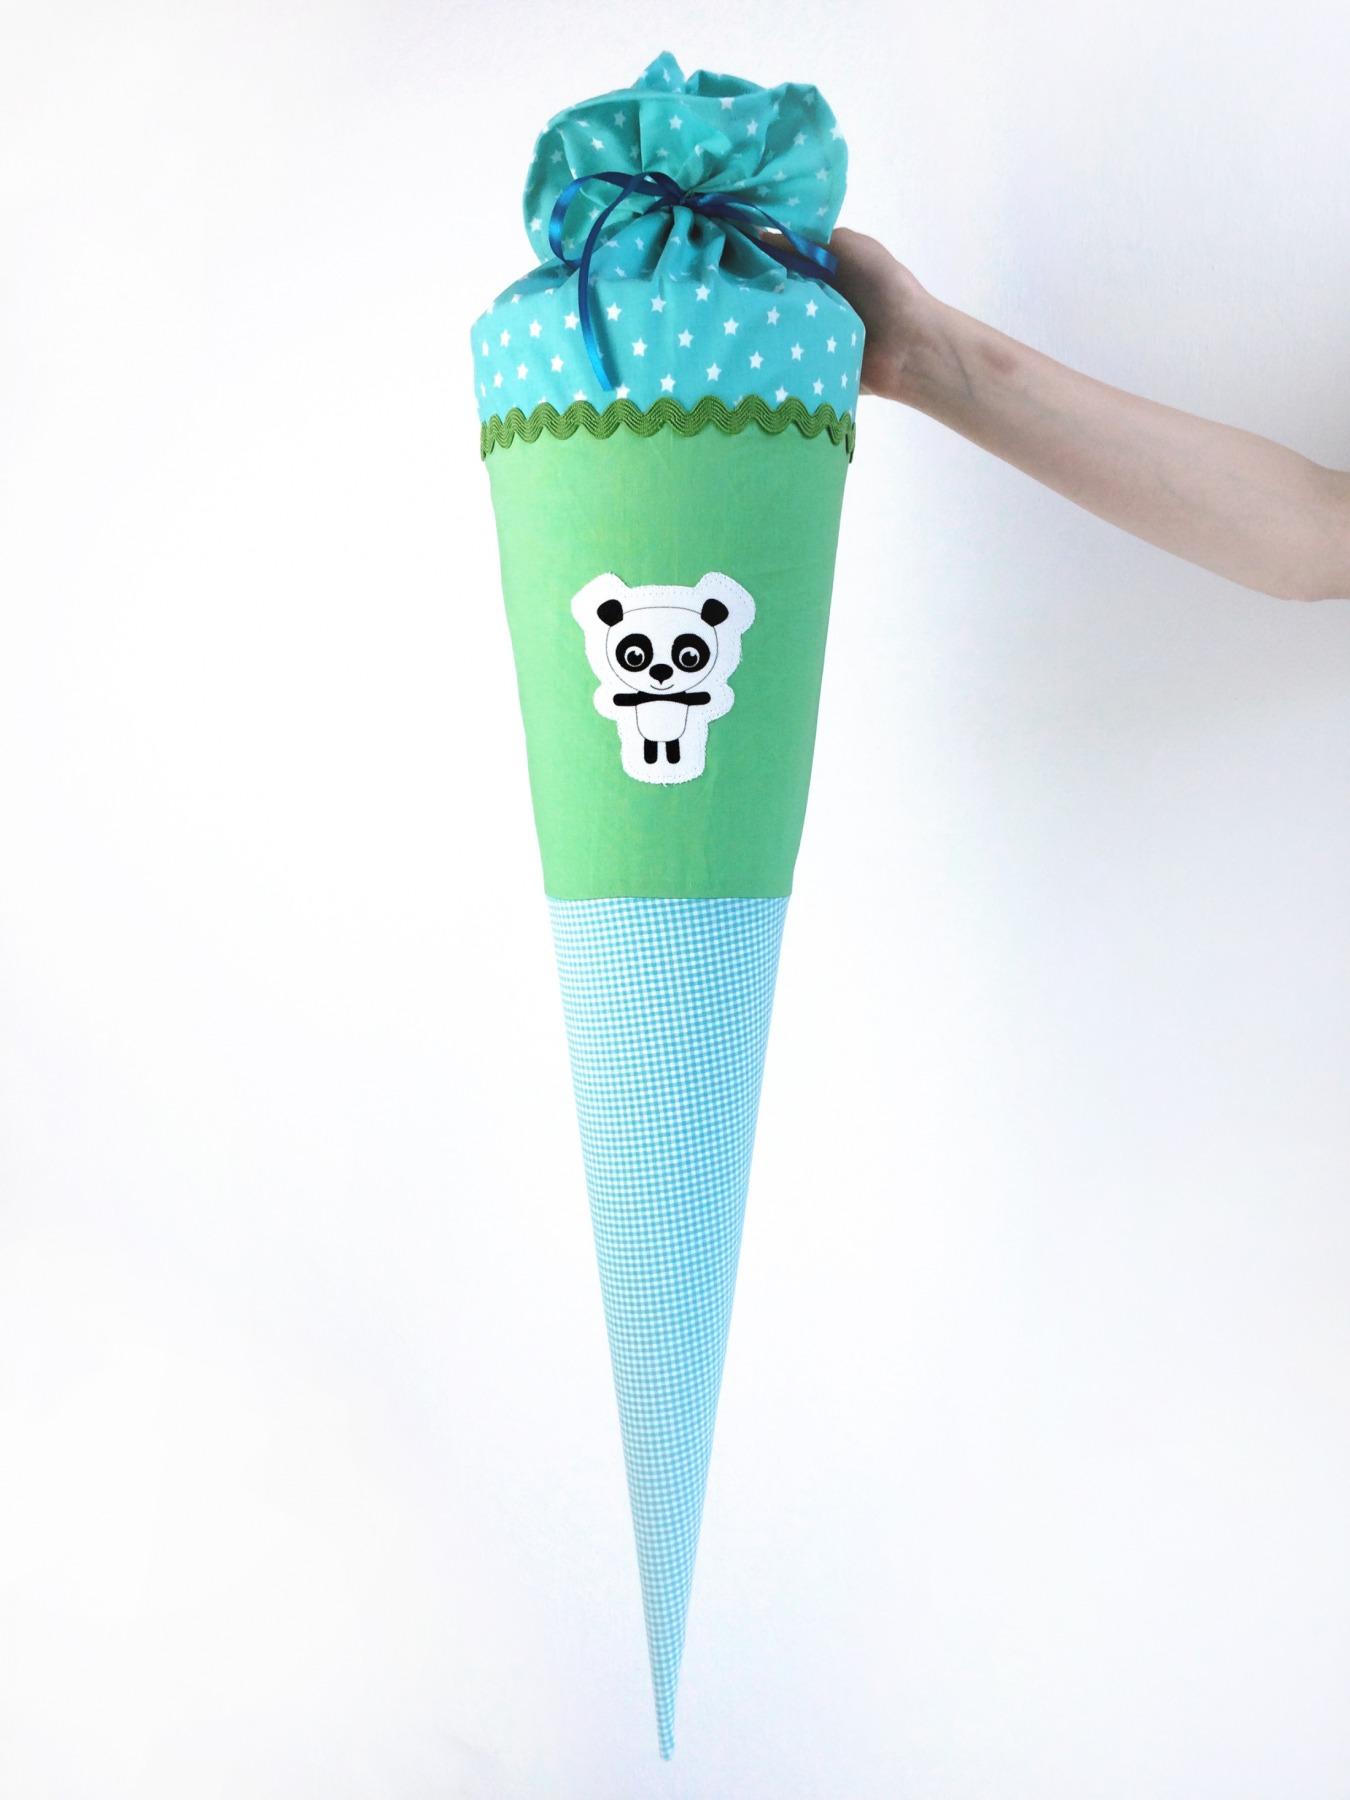 Schultüte Panda türkis-grün 70cm - 1